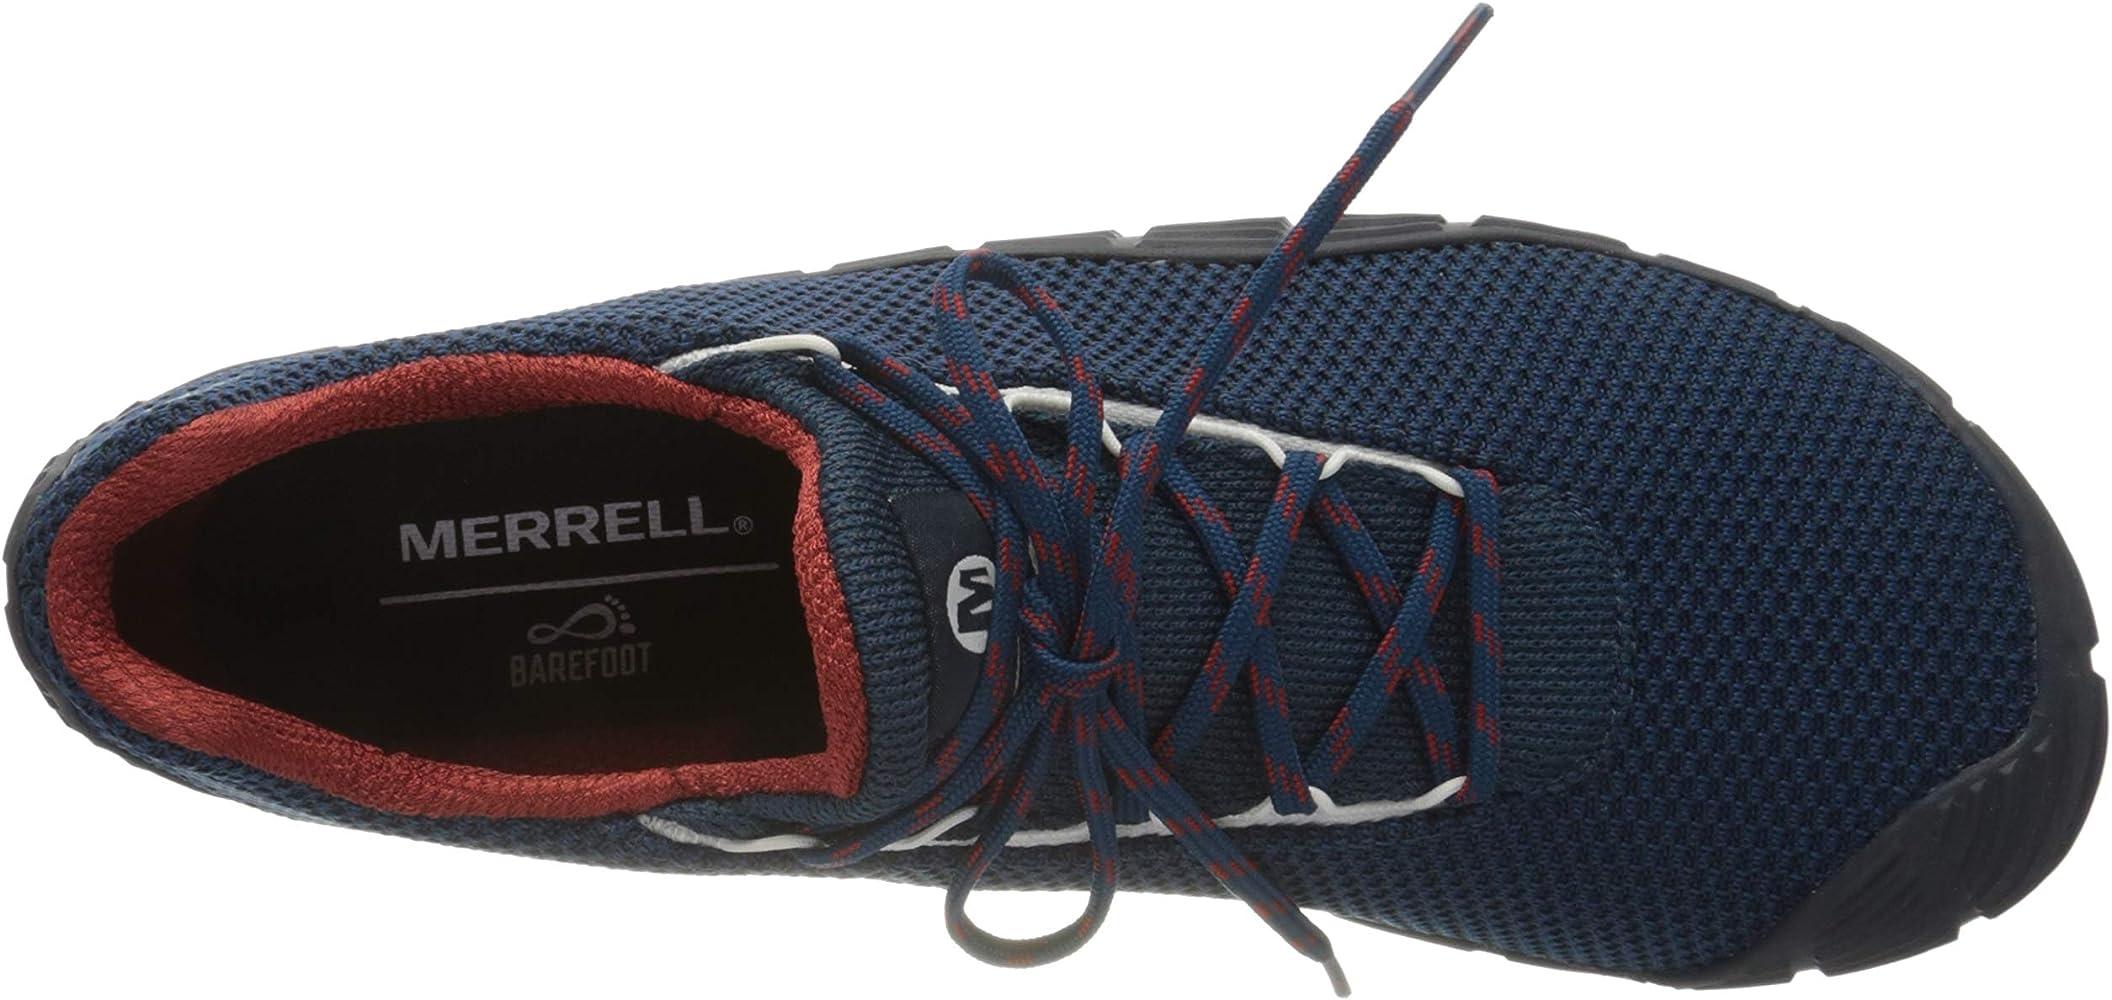 Merrell Move Glove, Zapatillas Deportivas para Interior para ...